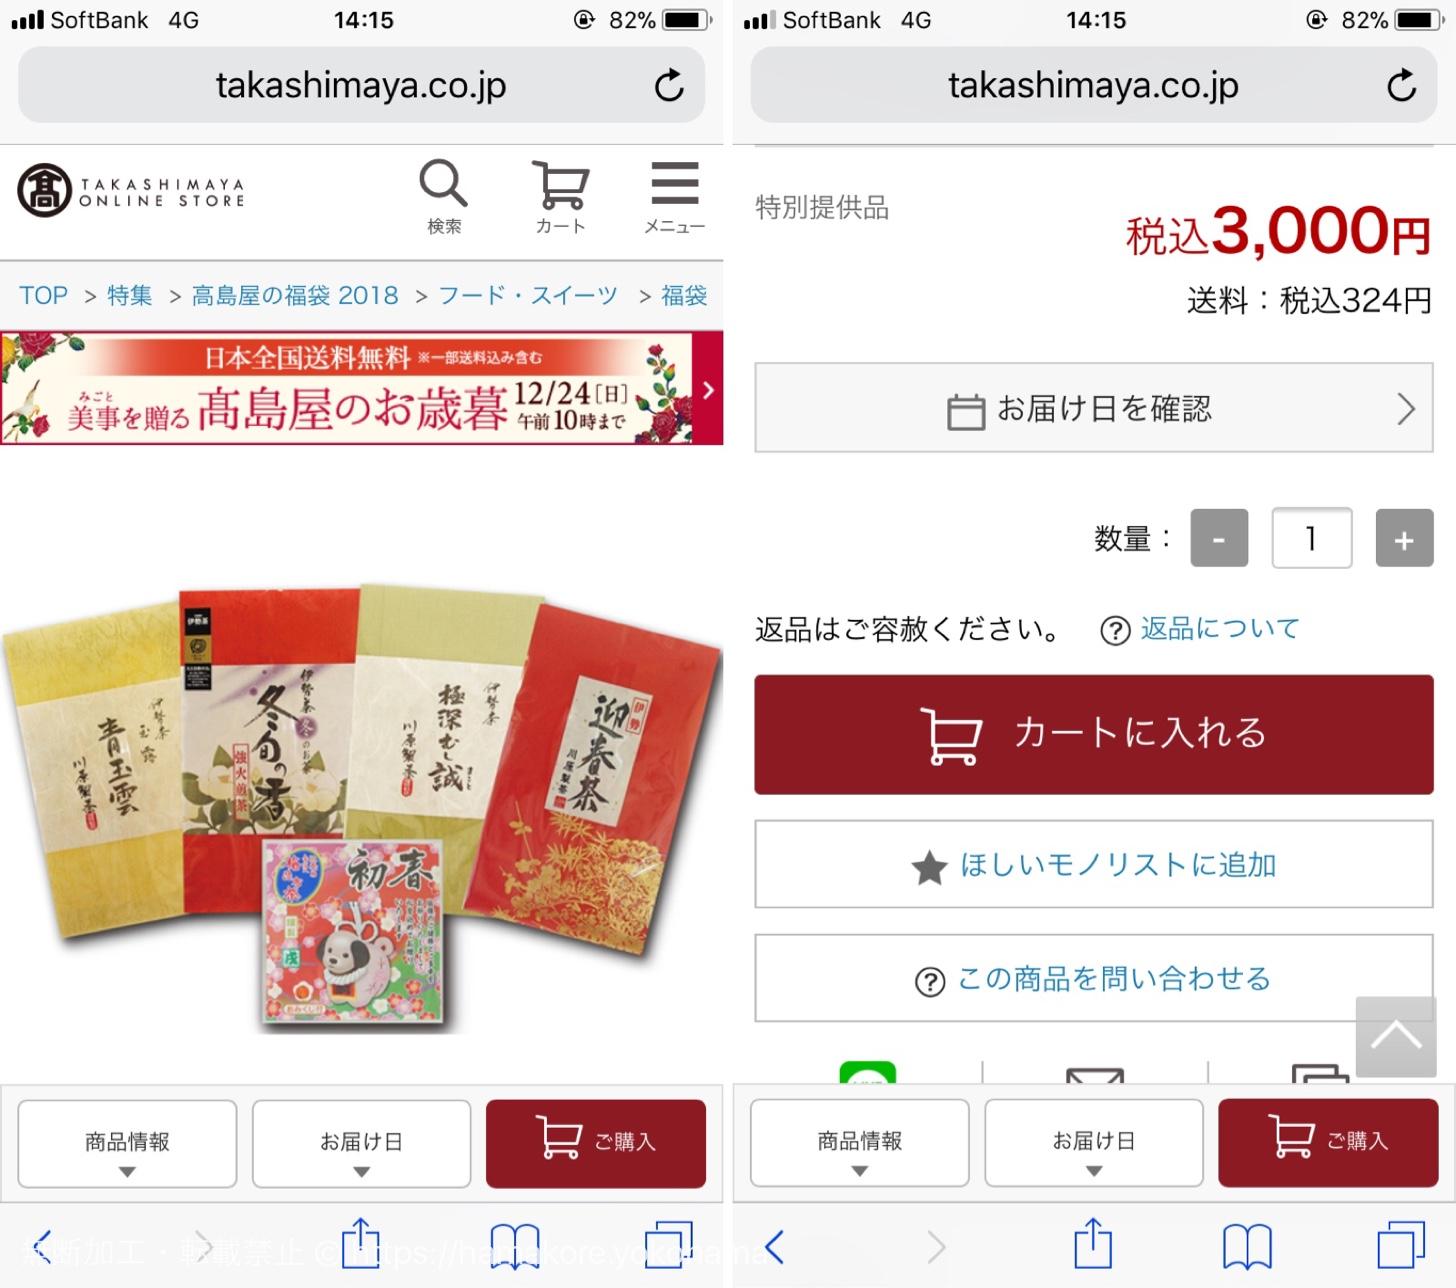 高島屋 オンライン 購入手順 商品をカートに入れる